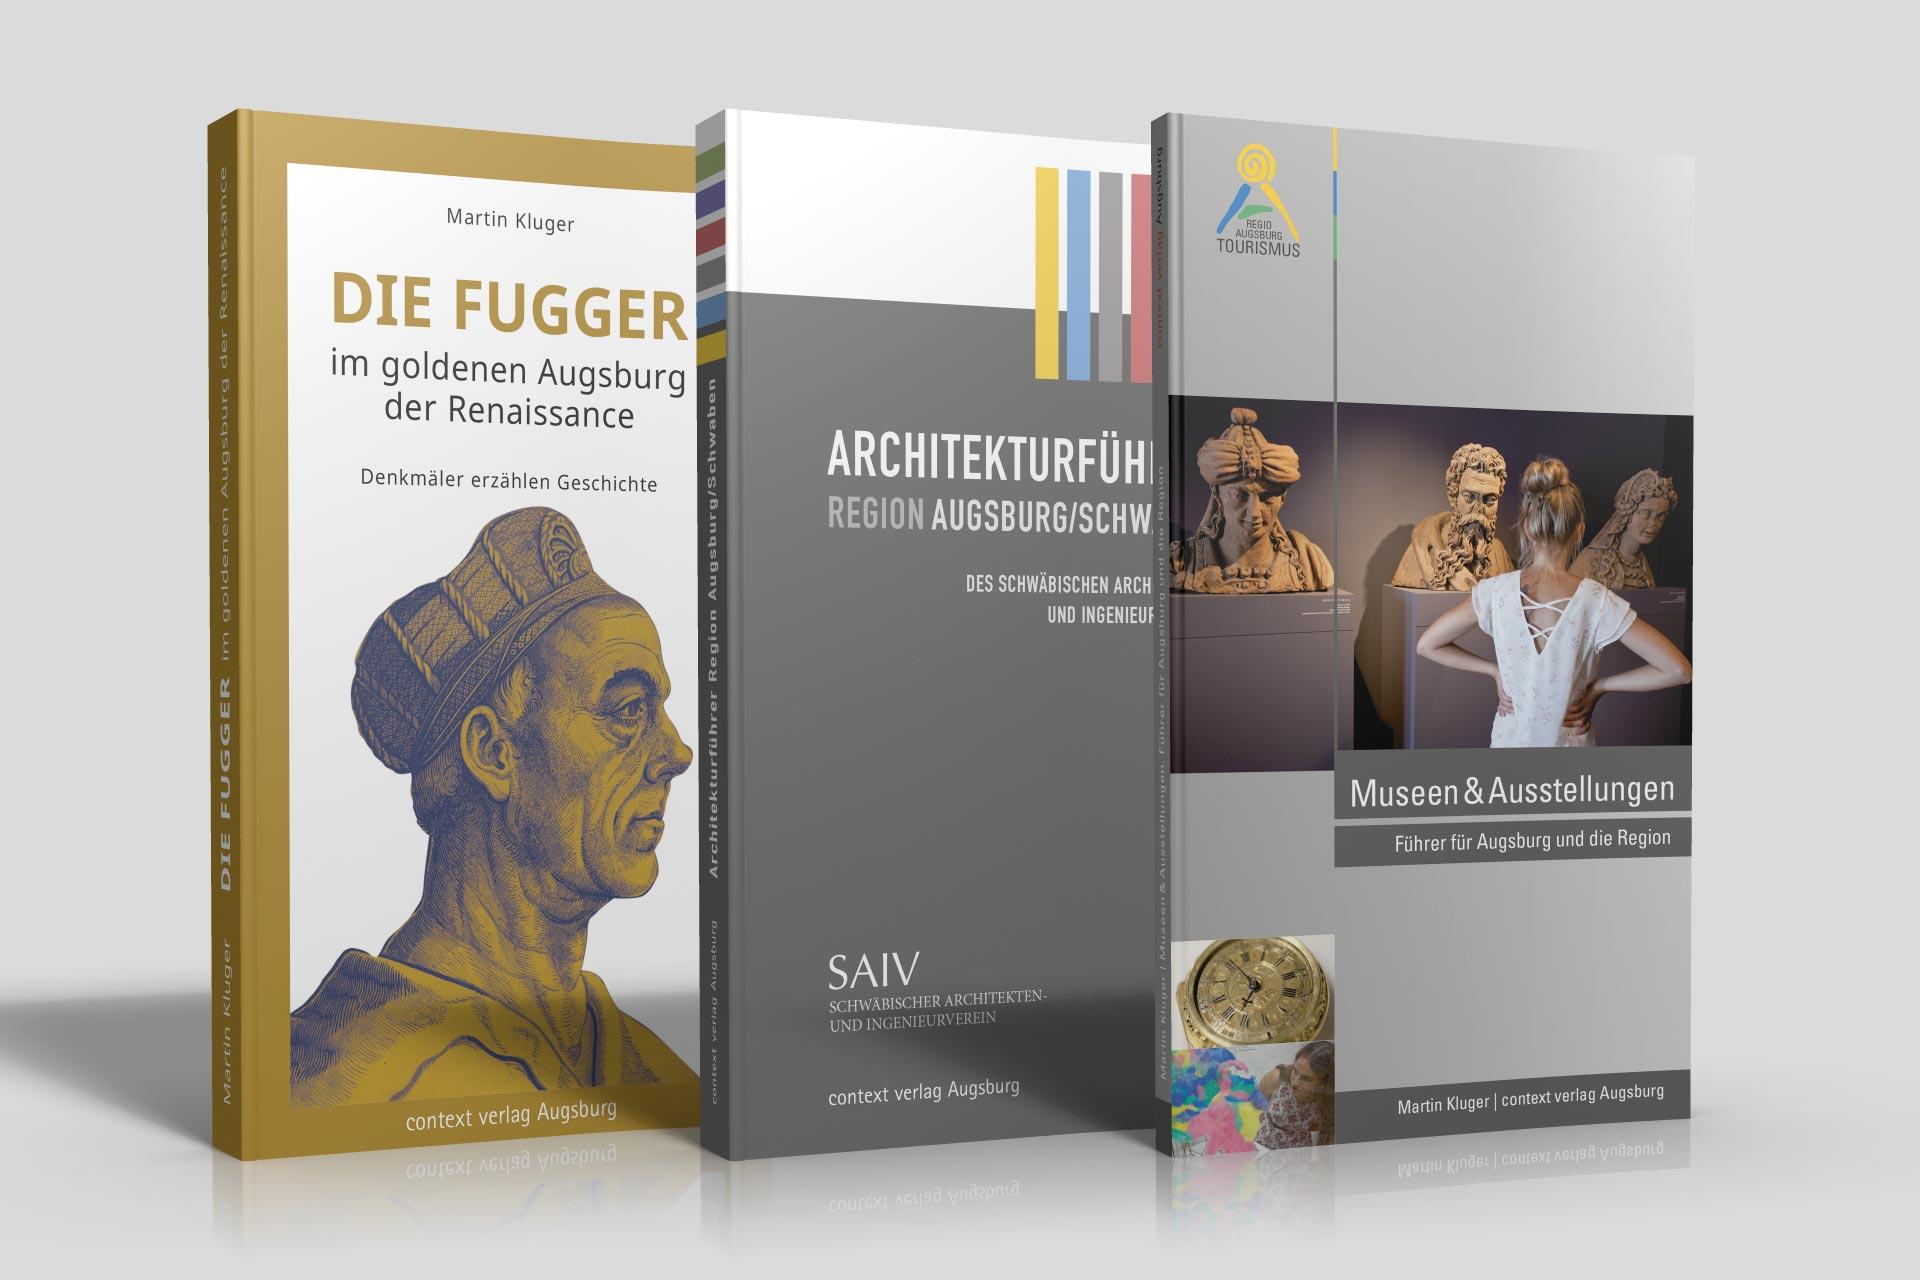 context verlag Augsburg: Die Fugger im goldenen Augsburg der Renaissance, Architekturführer Region Augsburg/Schwaben, Museen & Ausstellungen in Augsburg und der Region